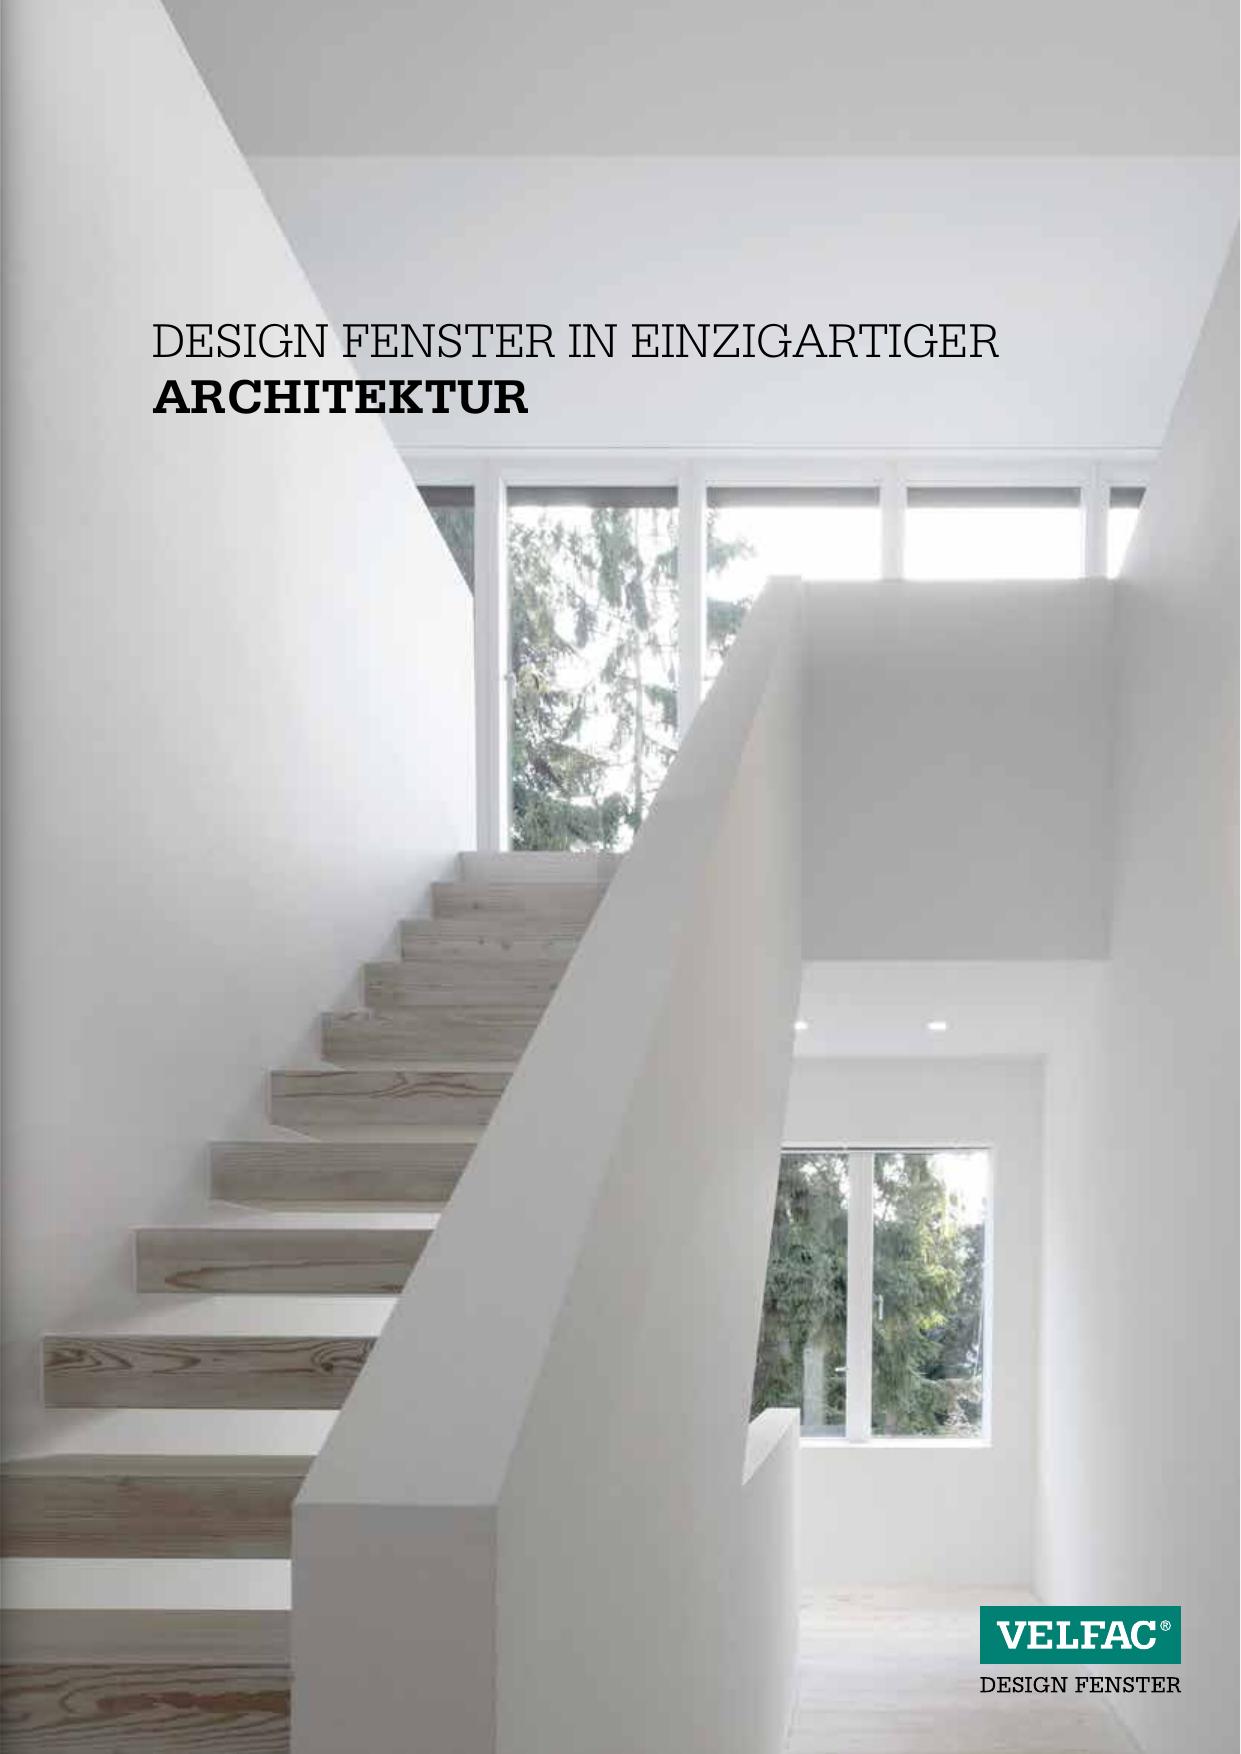 design fenster in einzigartiger architektur